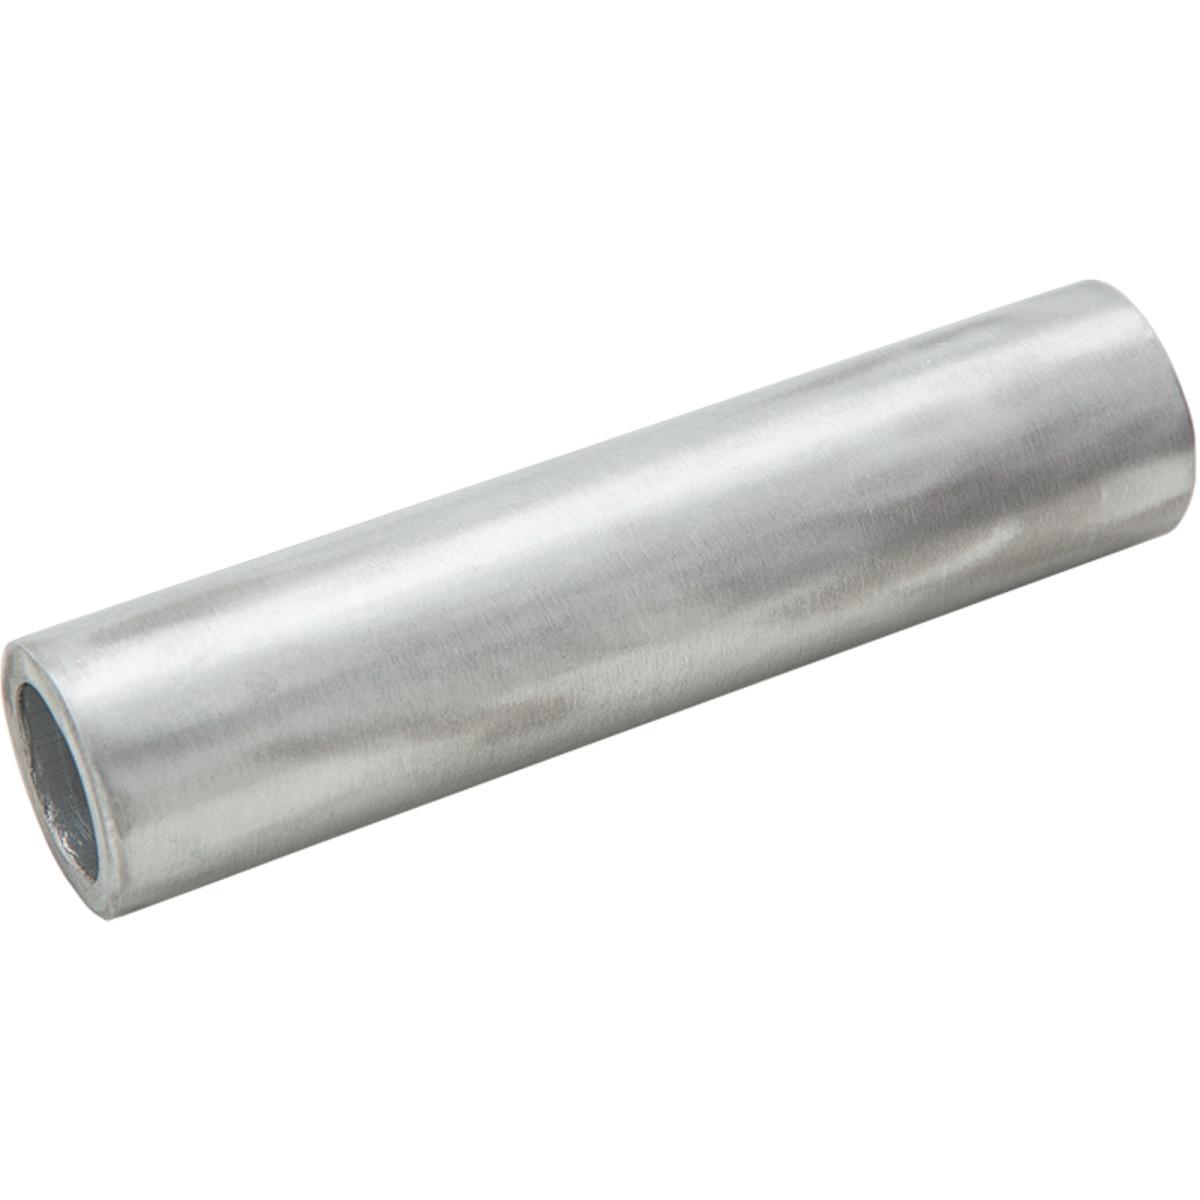 Гильза кабельная Duwi луженая под опрессовку ГМЛ 10-5 5 шт